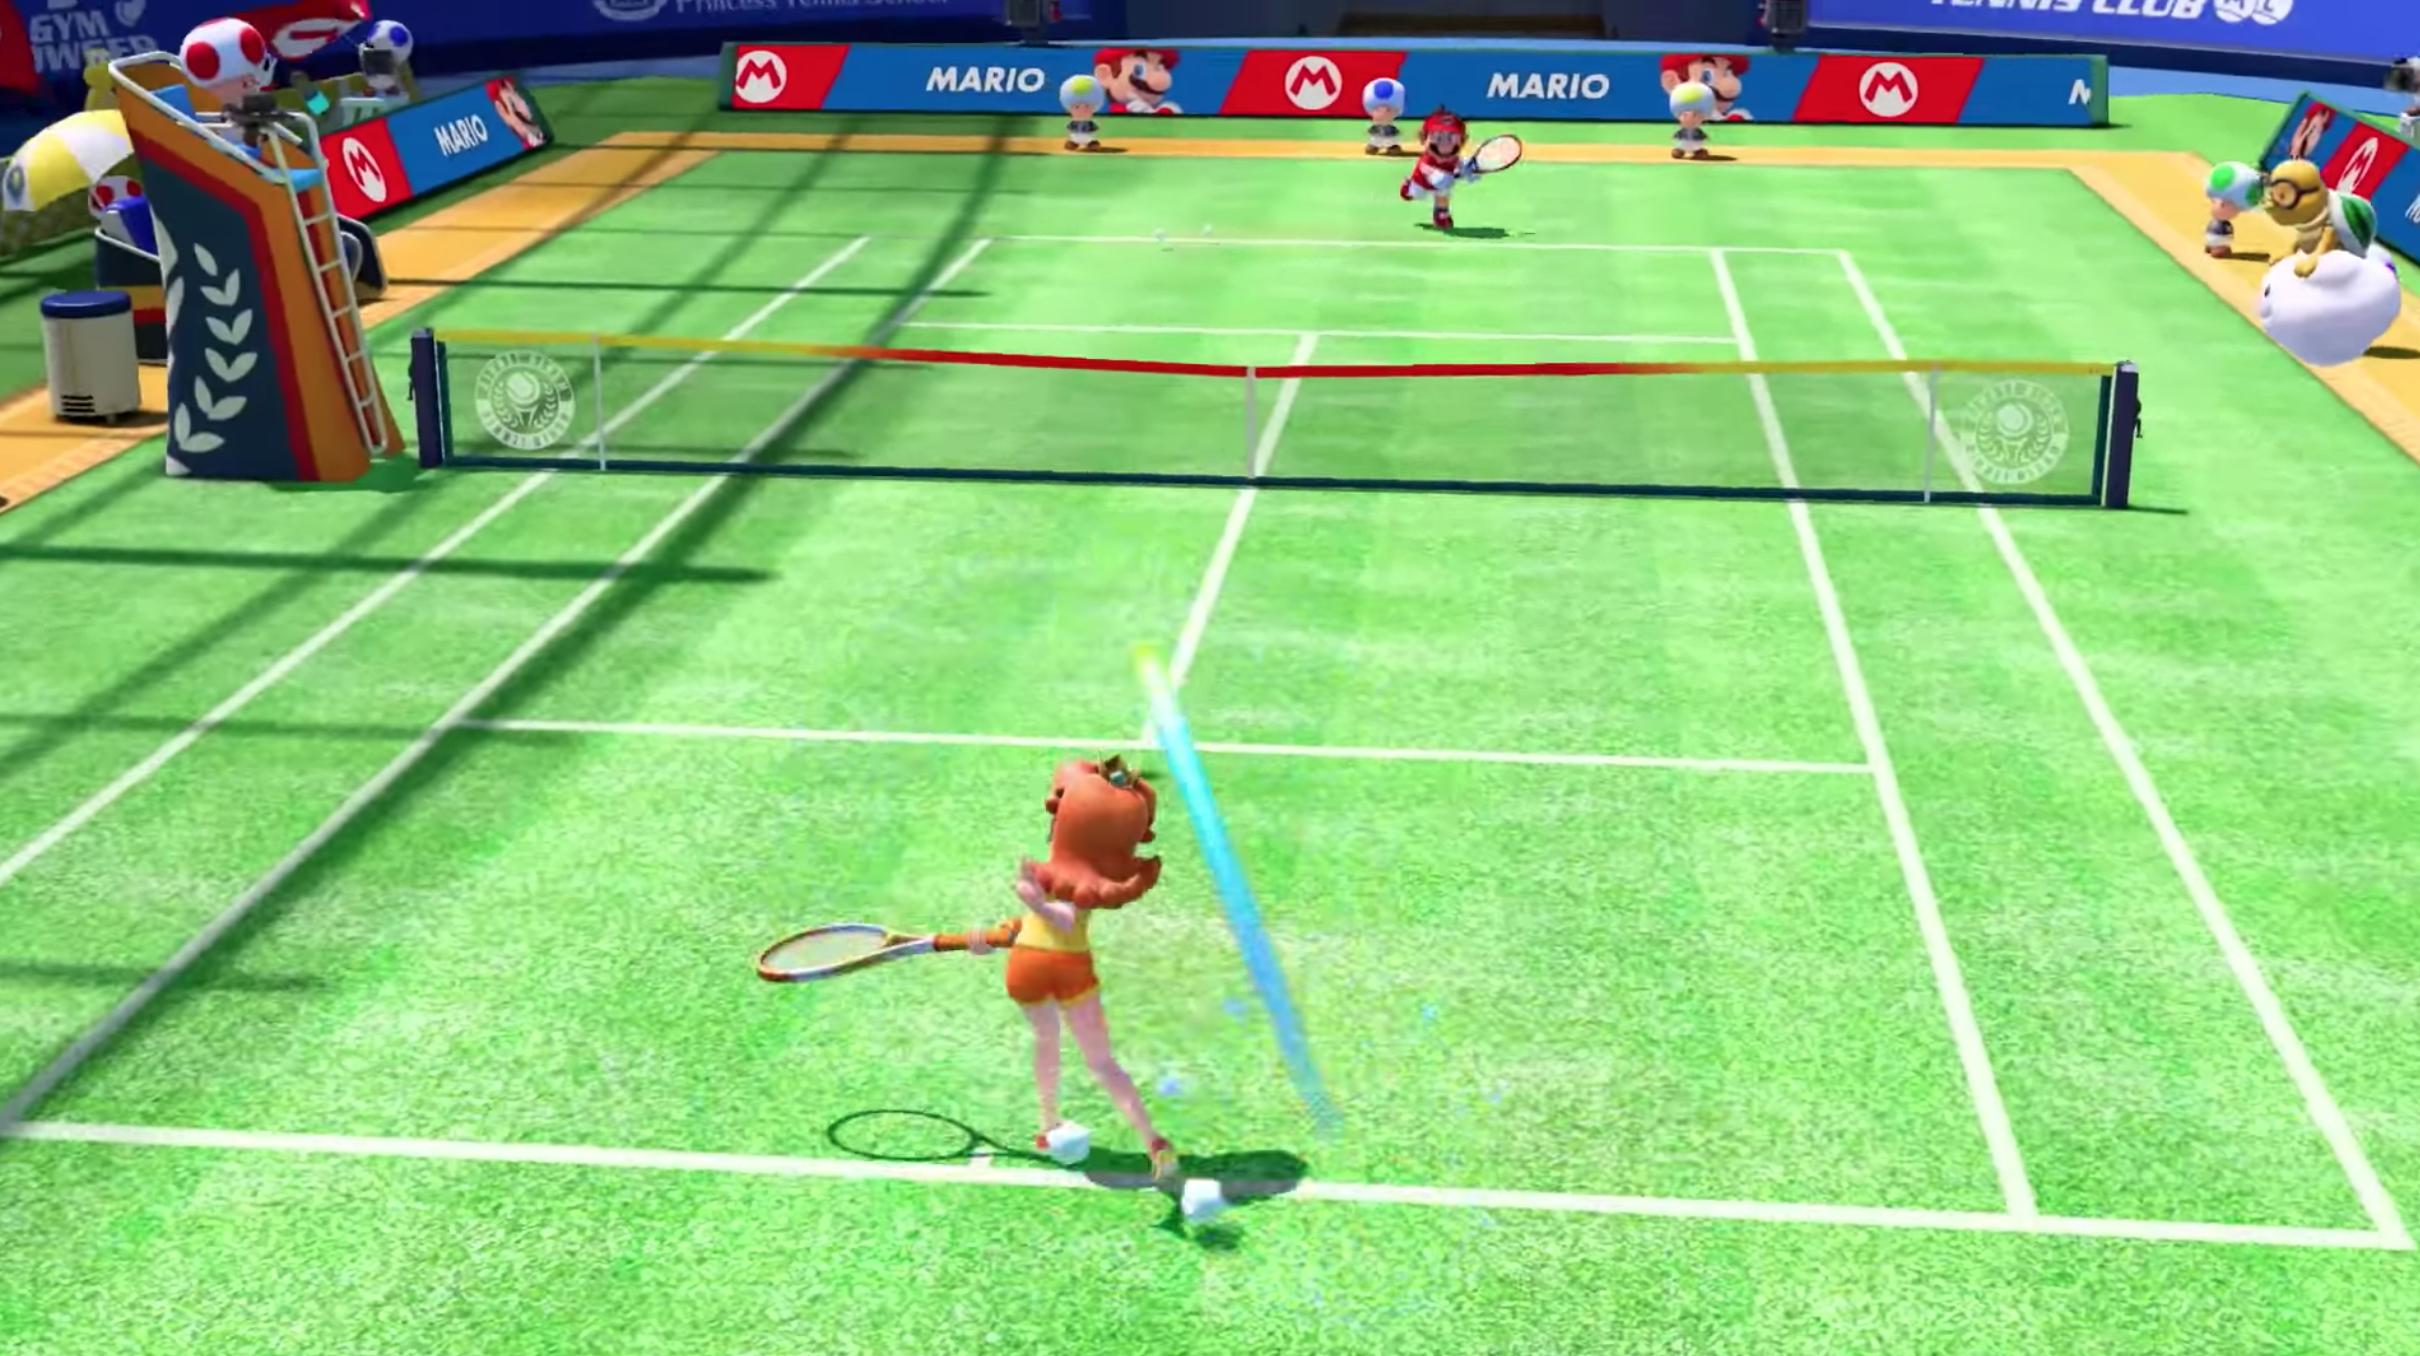 Game image Mario Tennis Aces